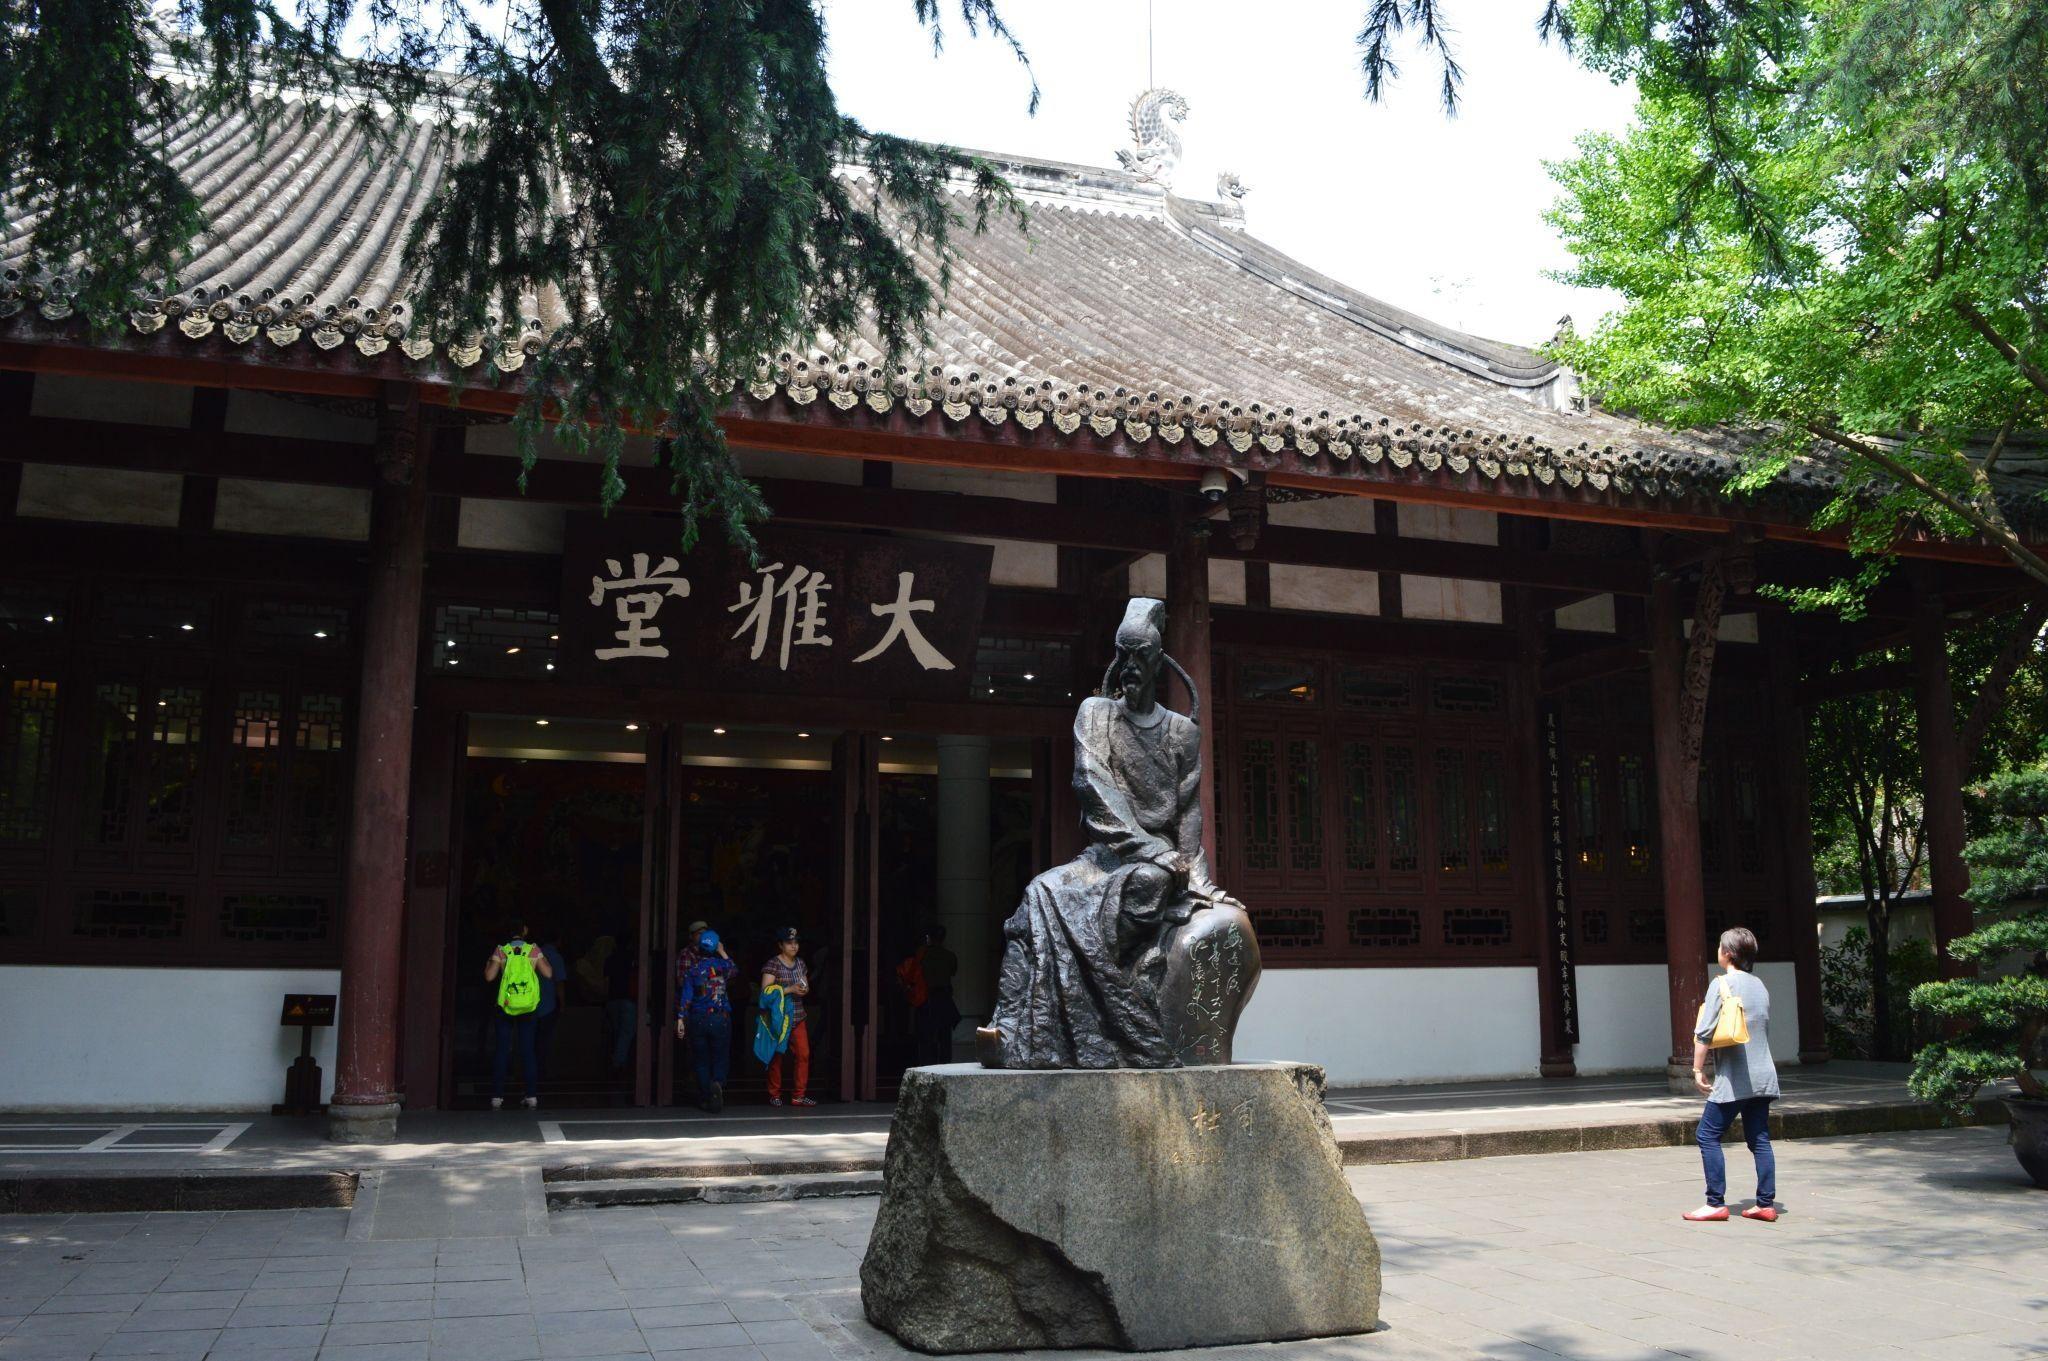 上海宽窄巷子老成都,成都宽窄巷子,宽窄巷子有什么好吃的,老成都巷子面,春熙路到宽窄巷子